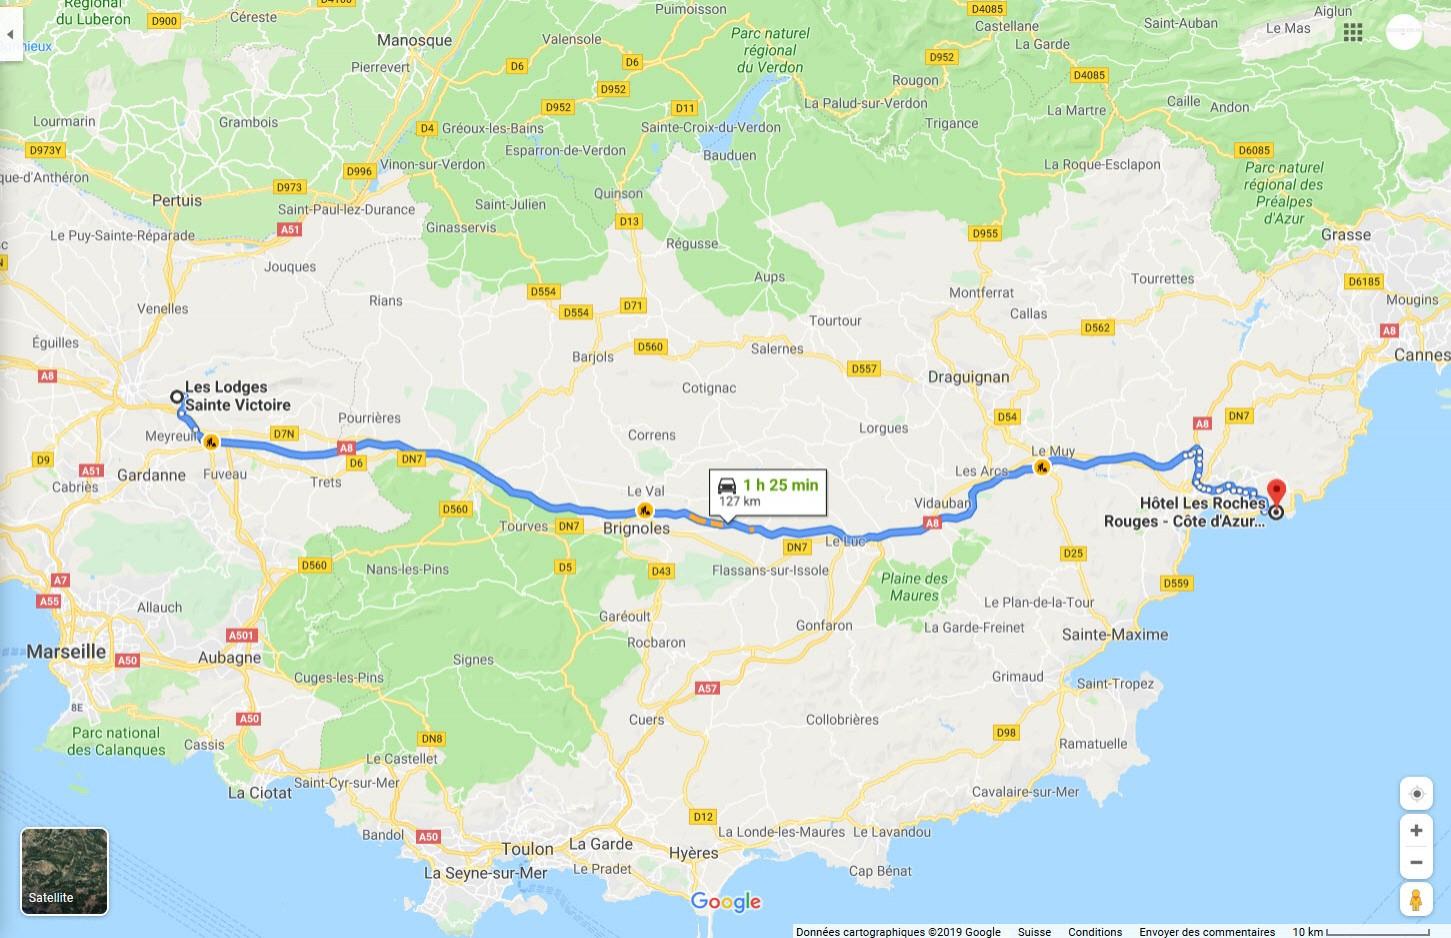 D couverte des plus beaux villages du sud de la france inspiration for travellers - Meubles chines ...